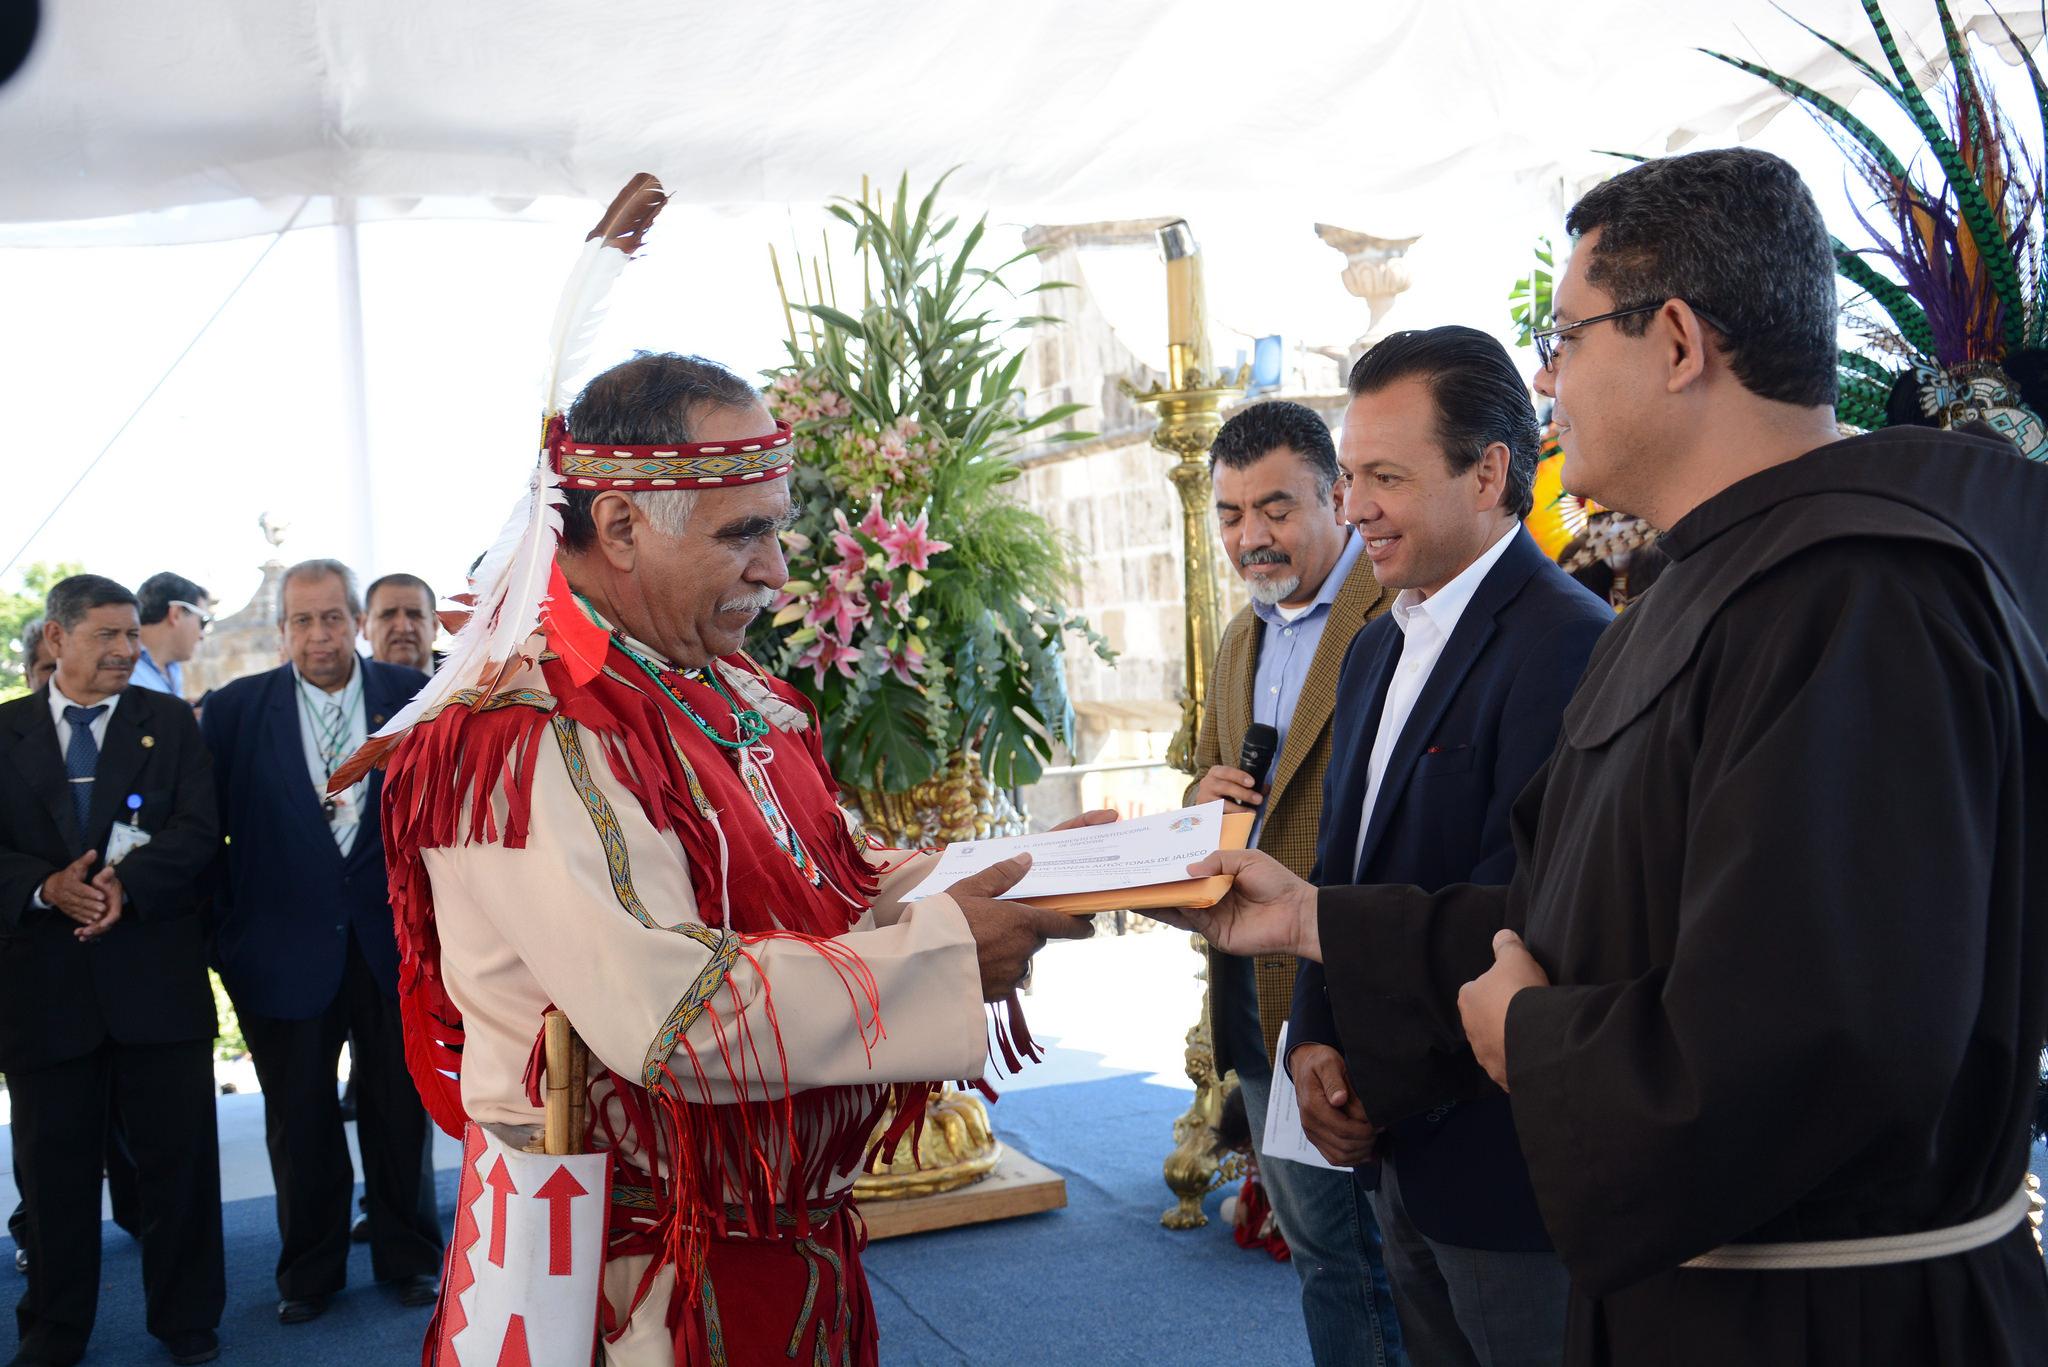 """Autoridades de Zapopan reconocen el esfuerzo y dedicación de los danzantes que dan identidad a """"La Romería: Ciclo Ritual de la Llevada de la Virgen"""""""